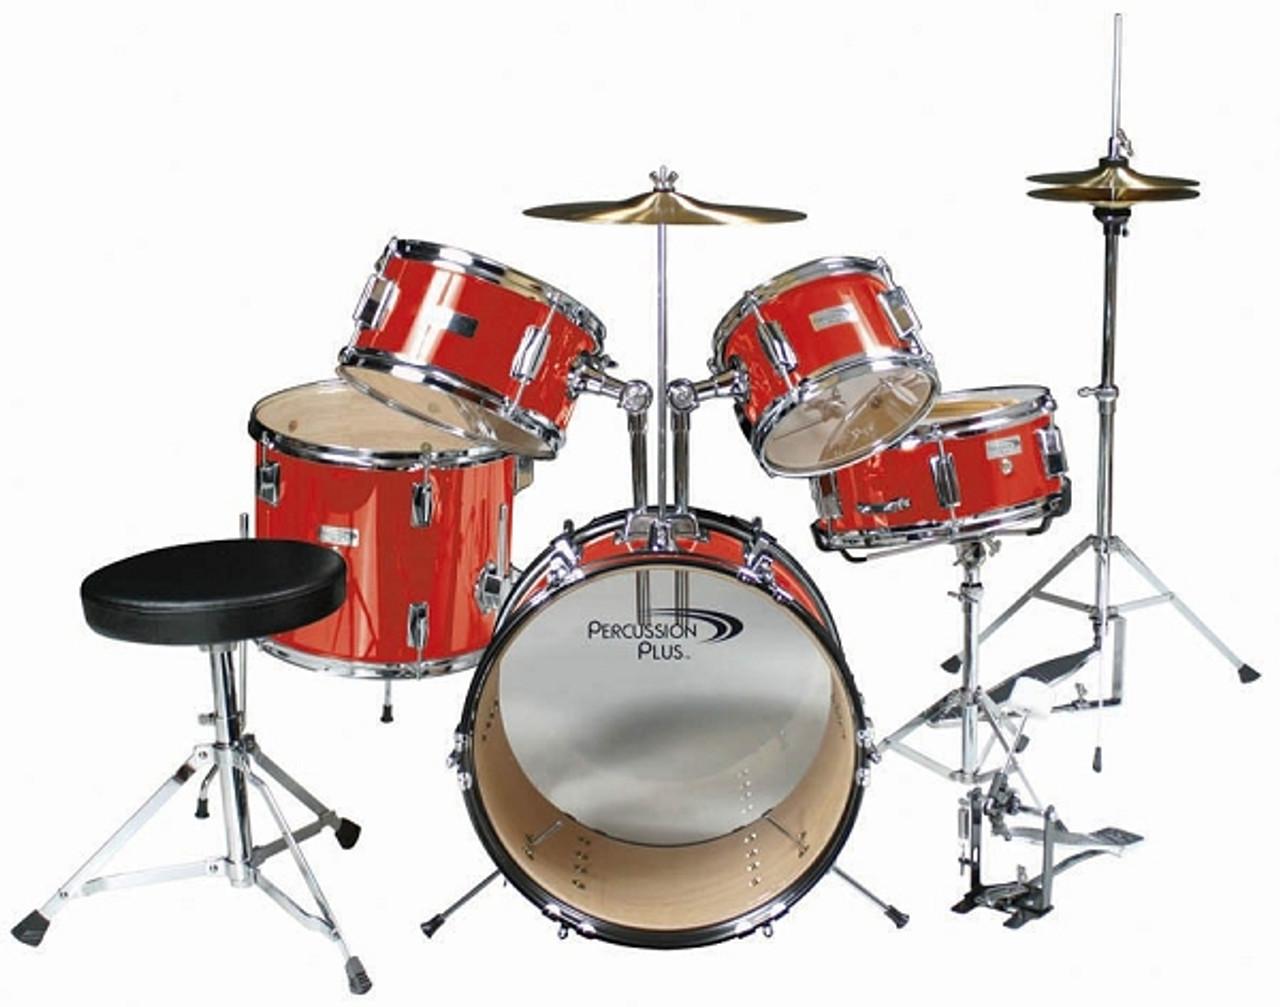 Percussion Plus 5 Piece Junior Drum Set Red Gearclubdirect